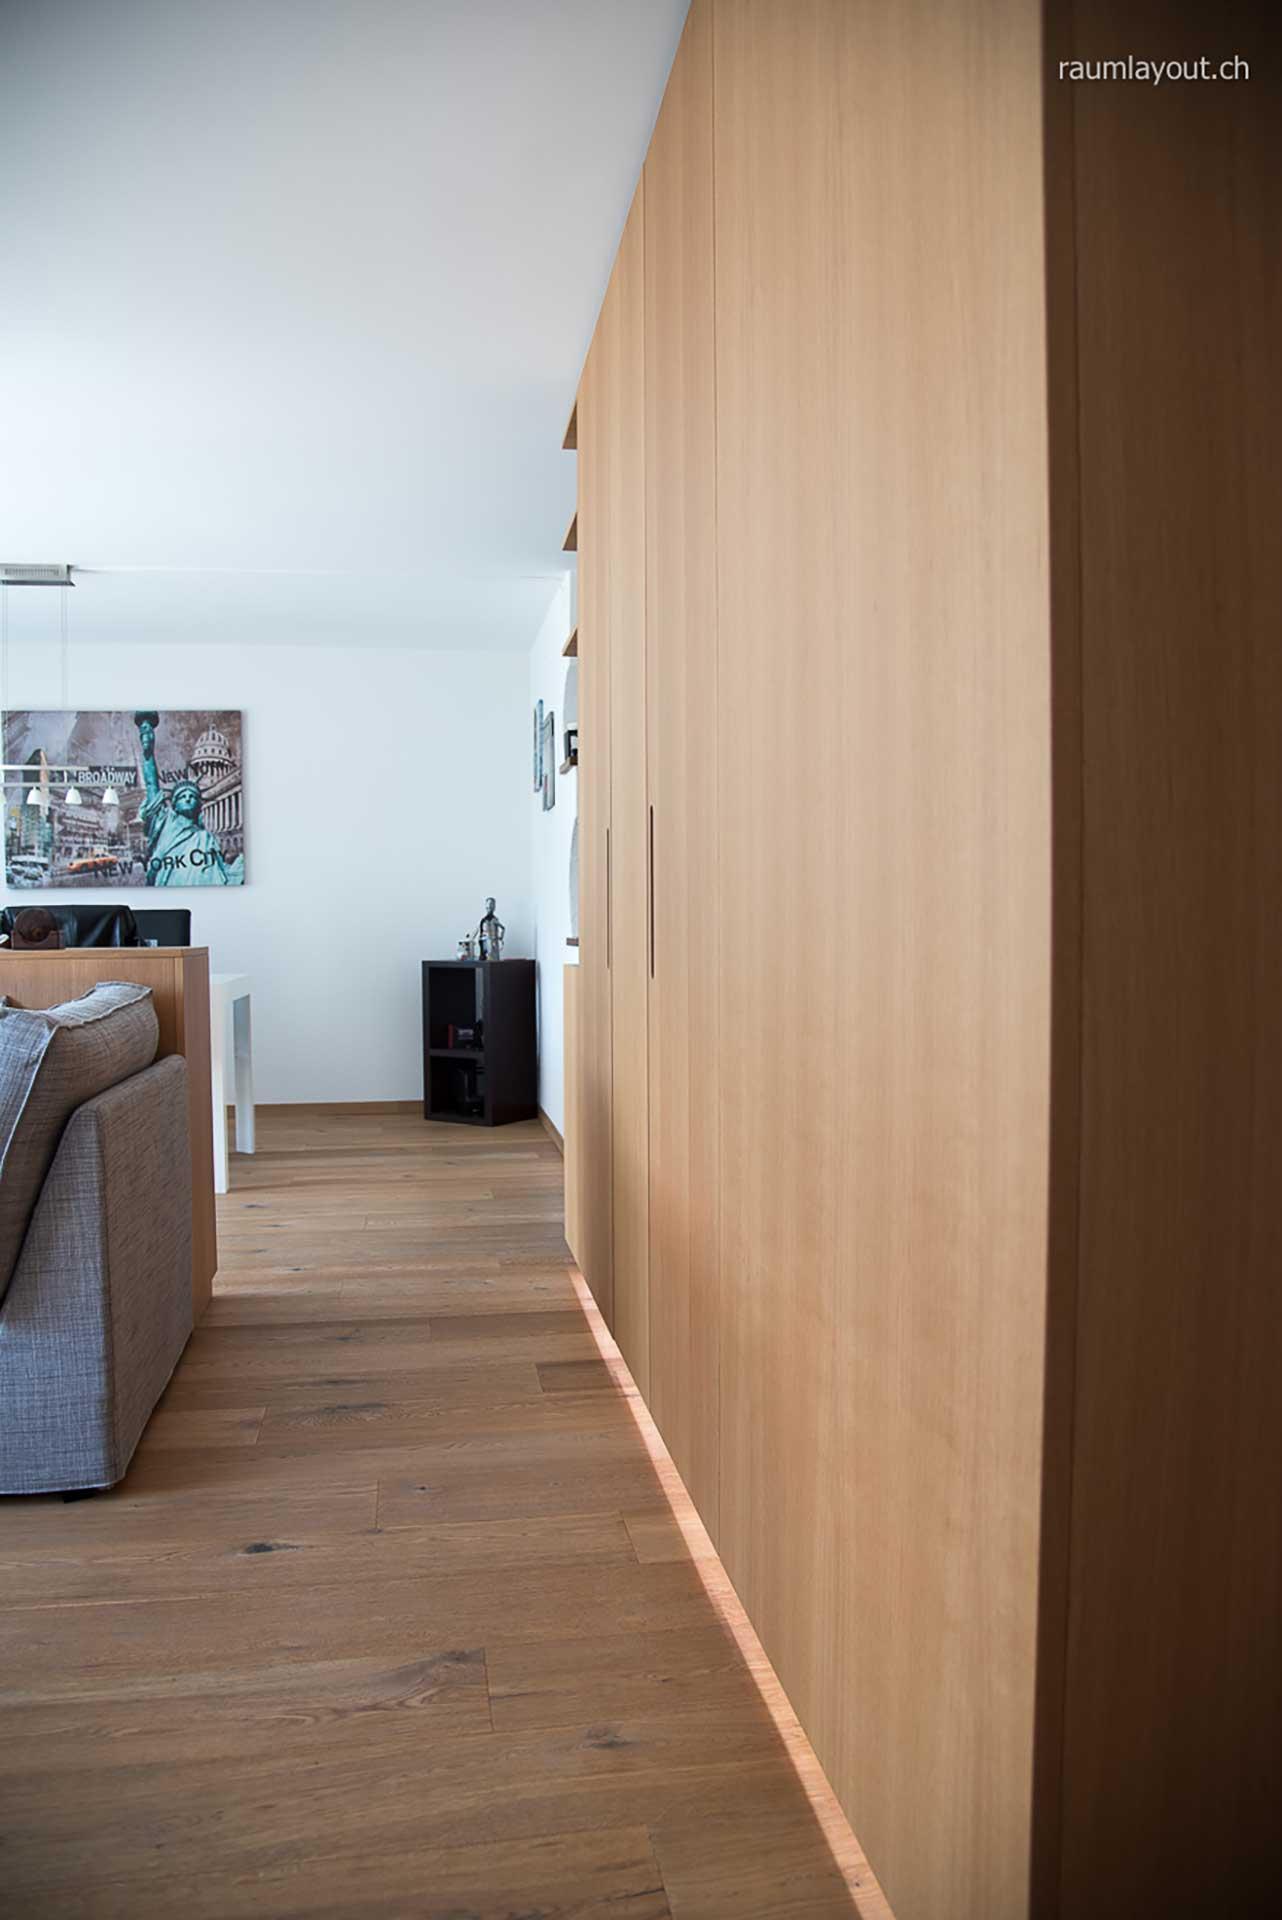 Innenarchitektur raumgestaltung b rtschi raumlayout gmbh for Raumgestaltung und innenarchitektur